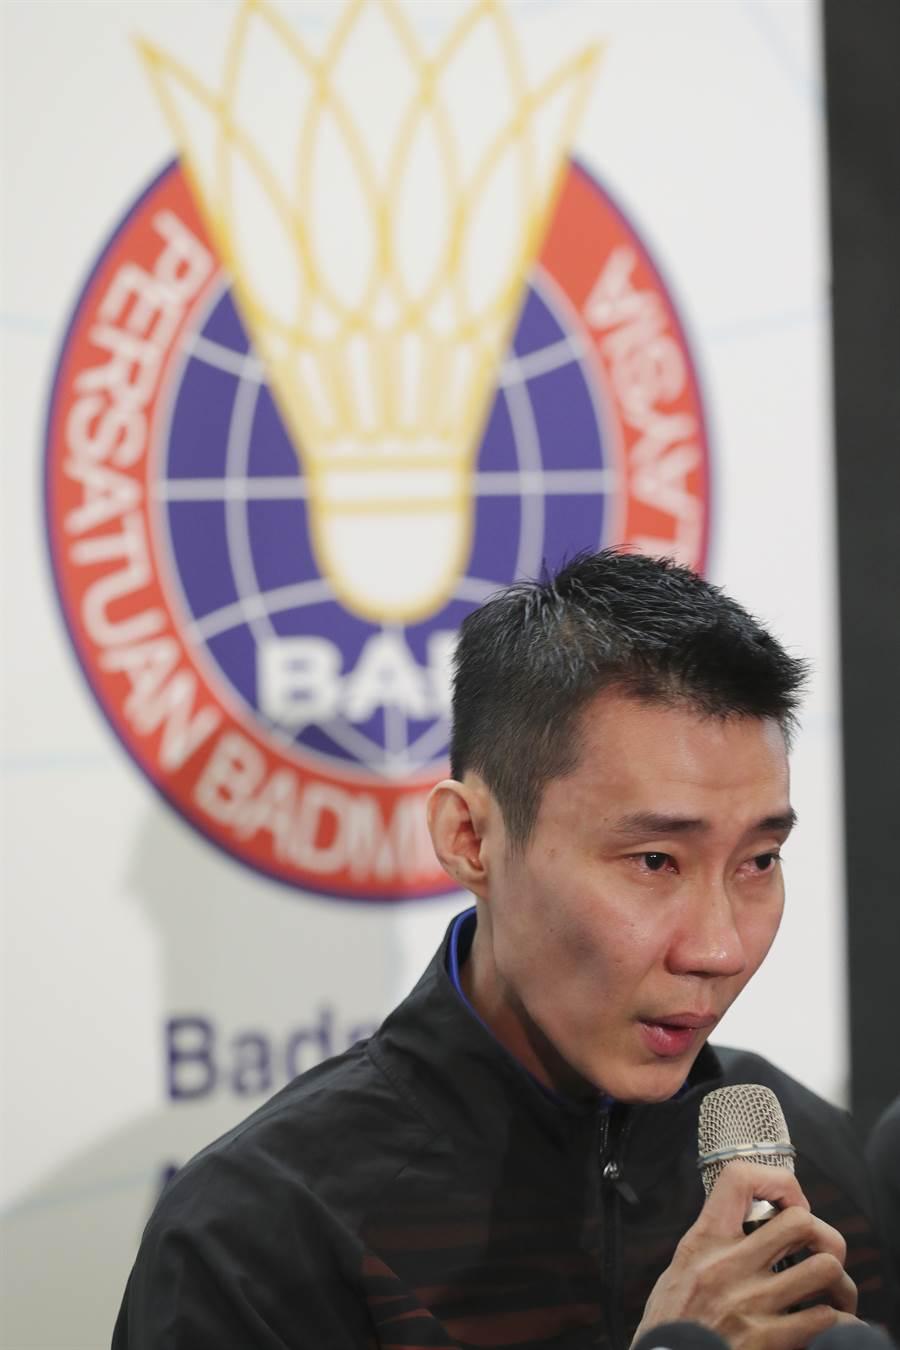 马来西亚羽球名将李宗伟神情凝重地宣布退休。